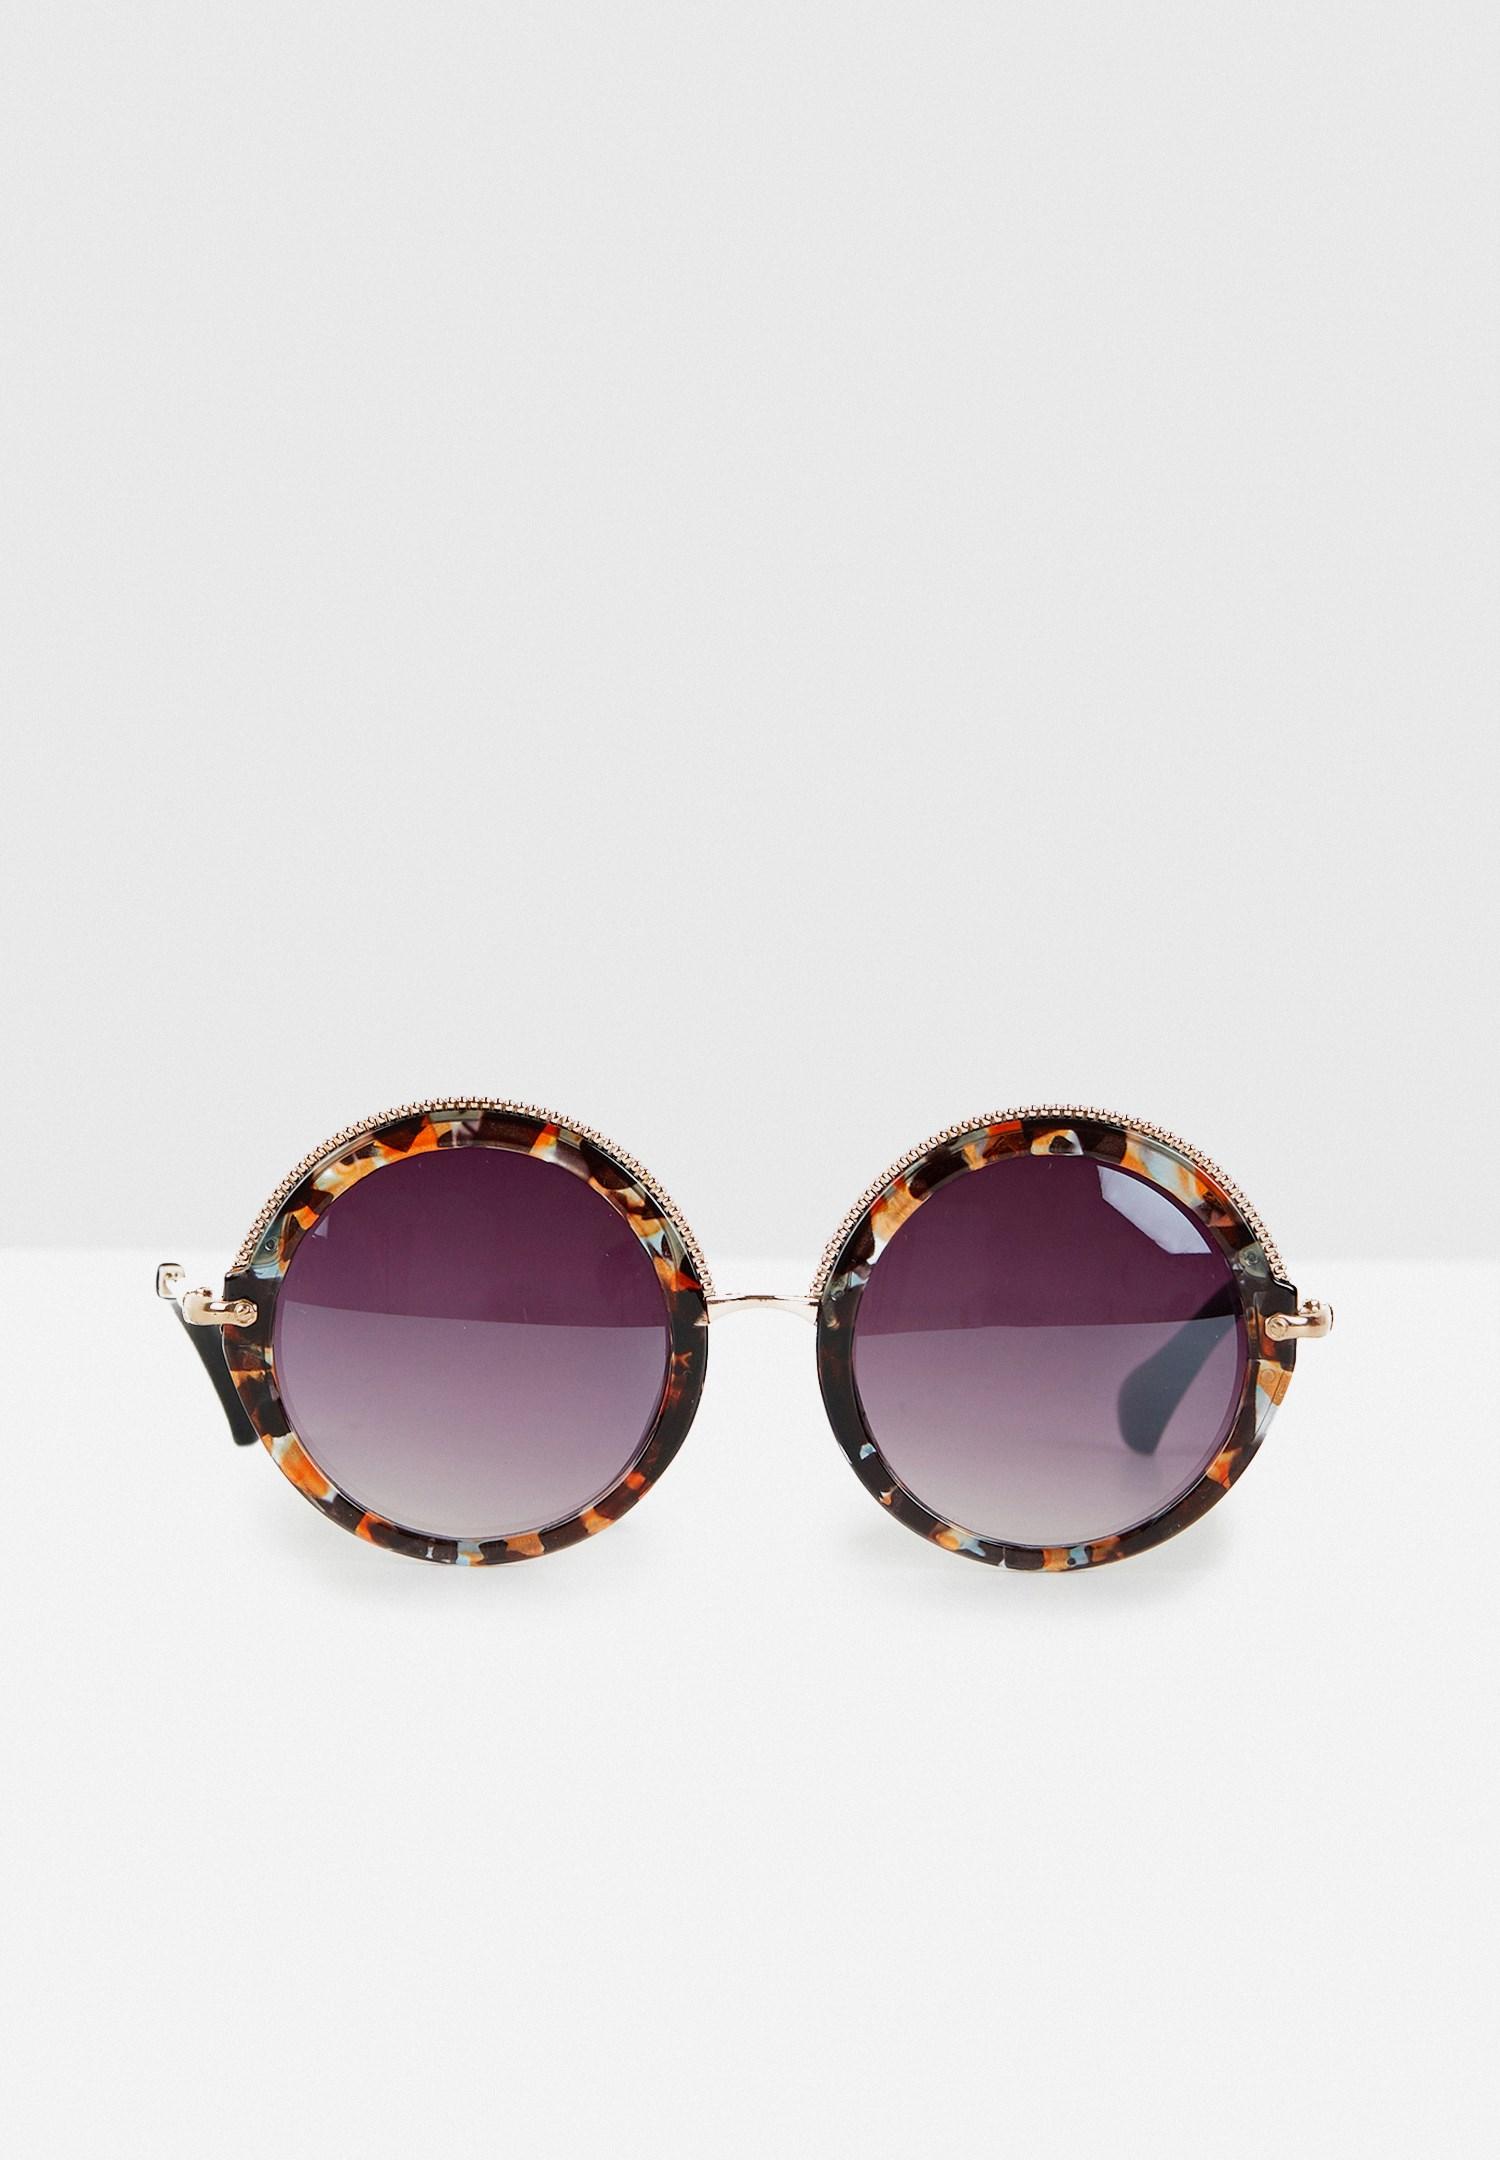 Bayan Çok Renkli Yuvarlak Kalın Çerçeveli Güneş Gözlüğü